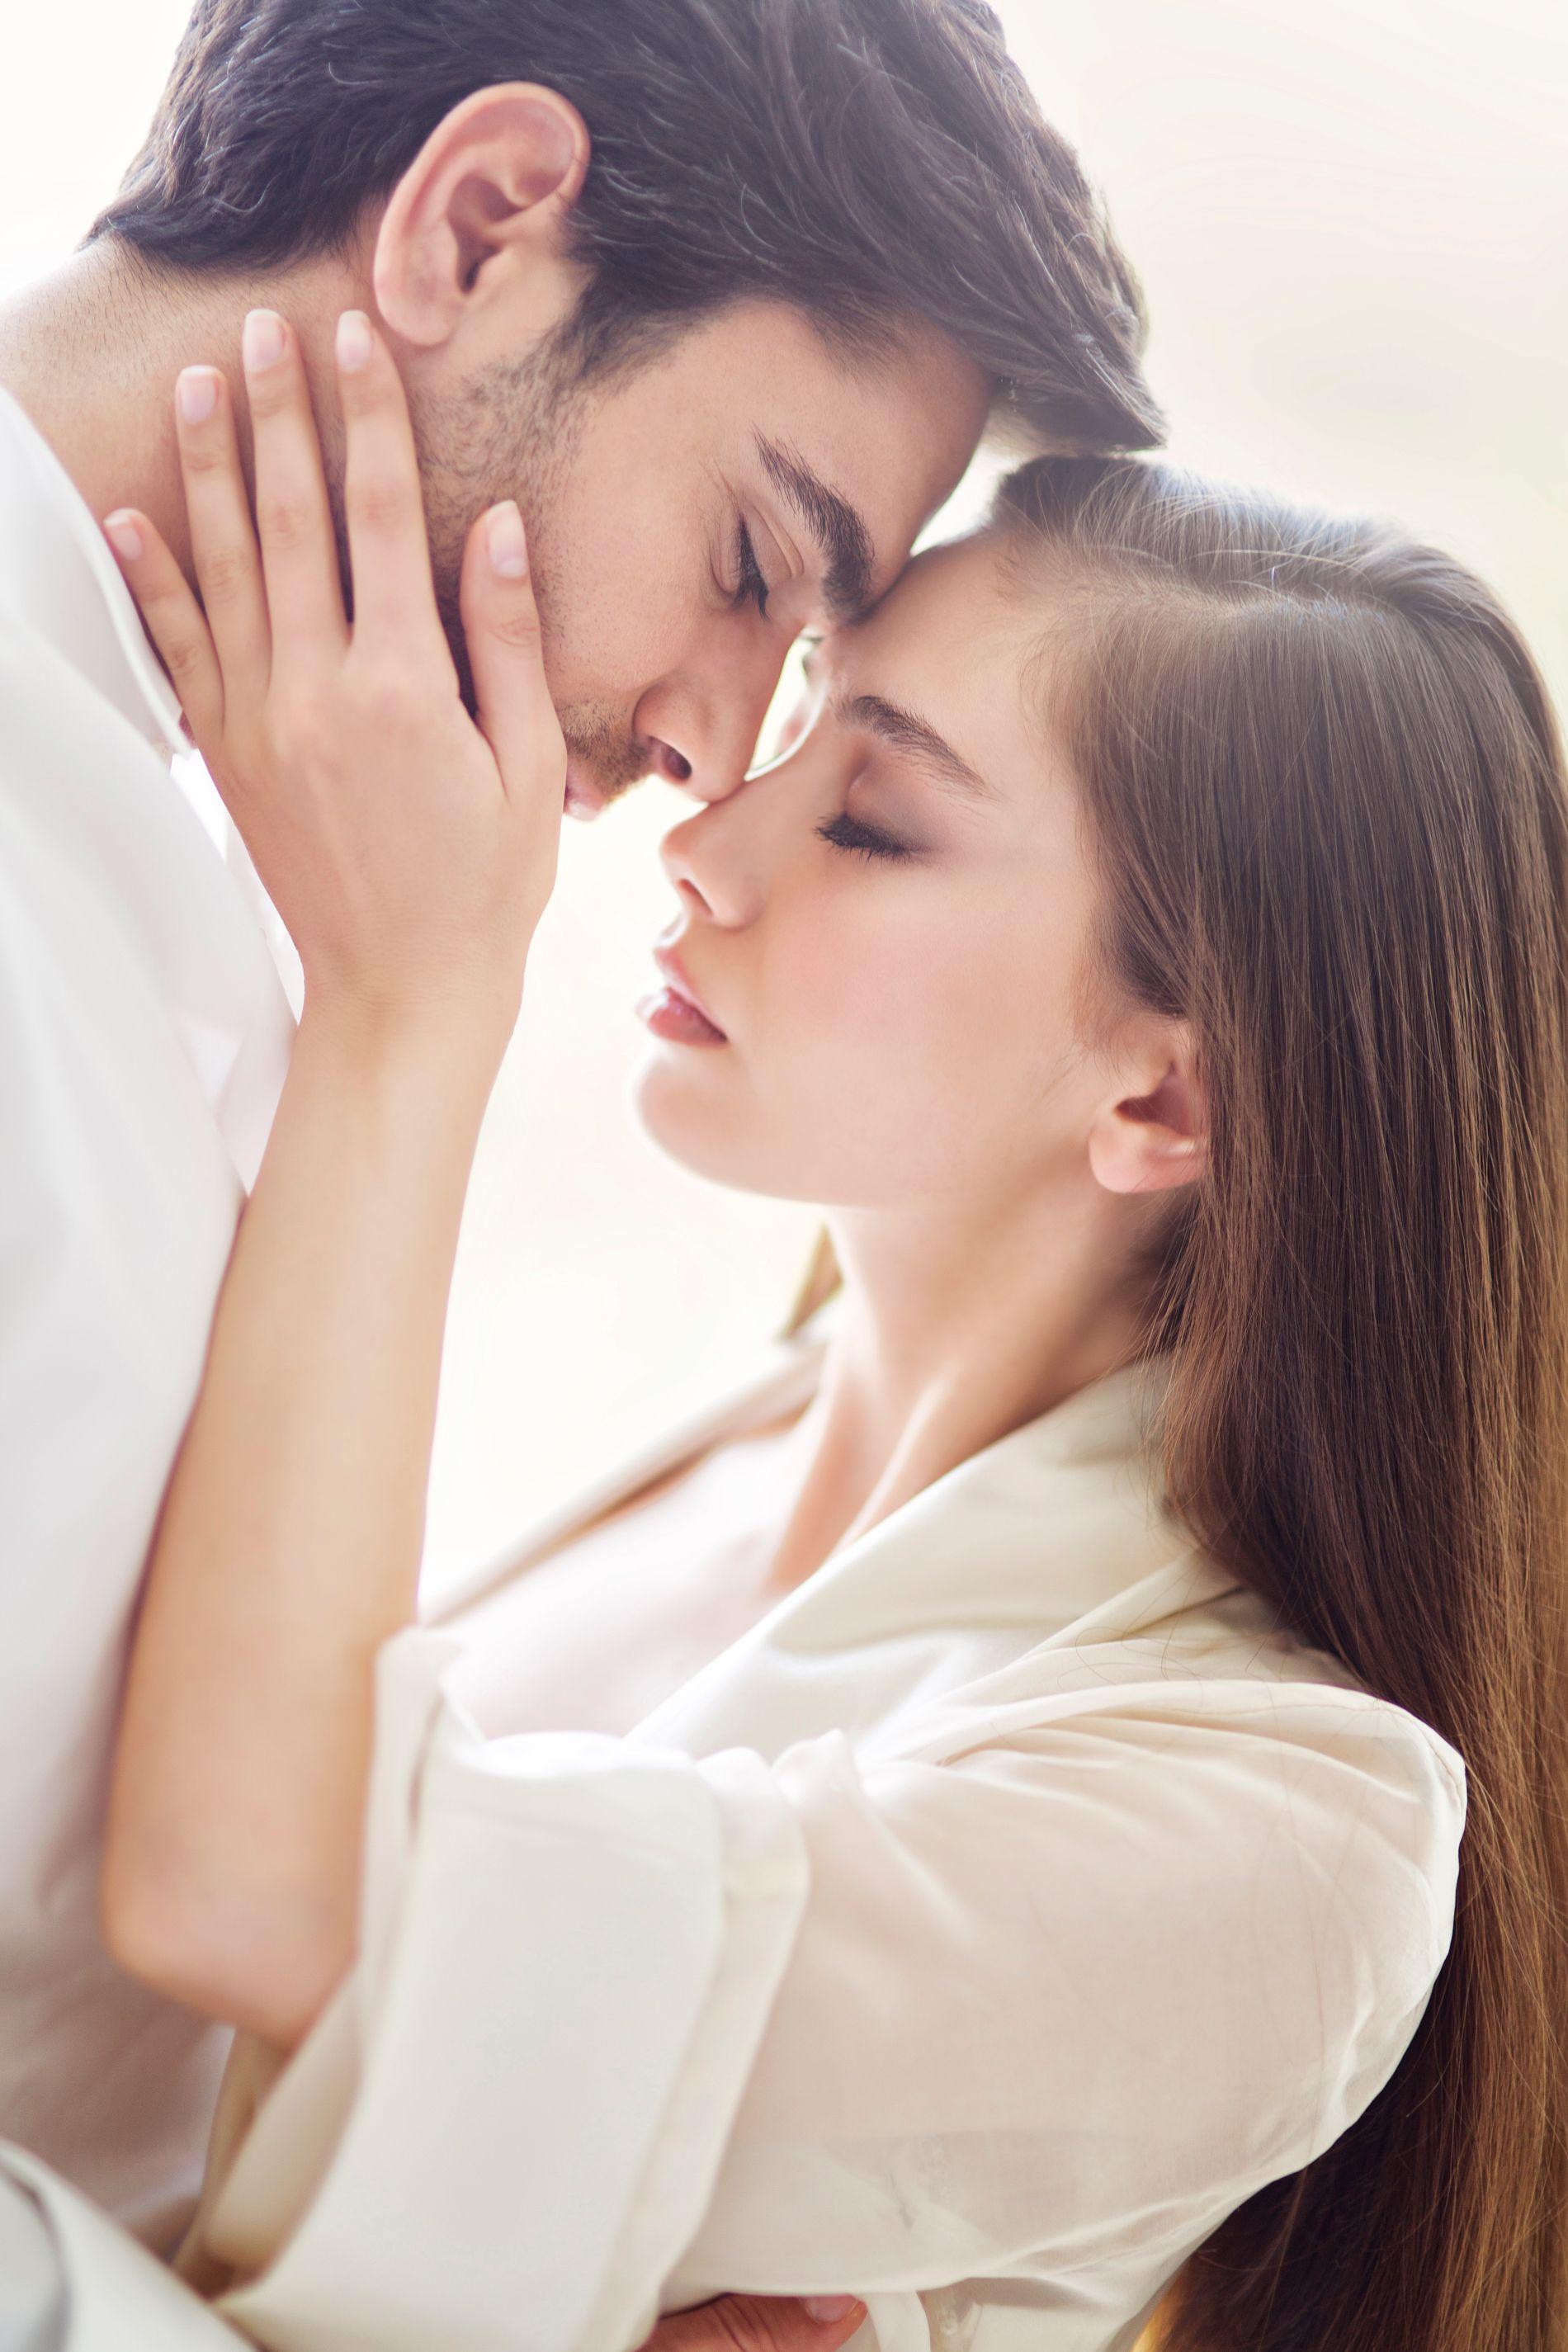 Kadir Neslihan6 In 2021 Romantic Couples Photography Romantic Couples Couples Images